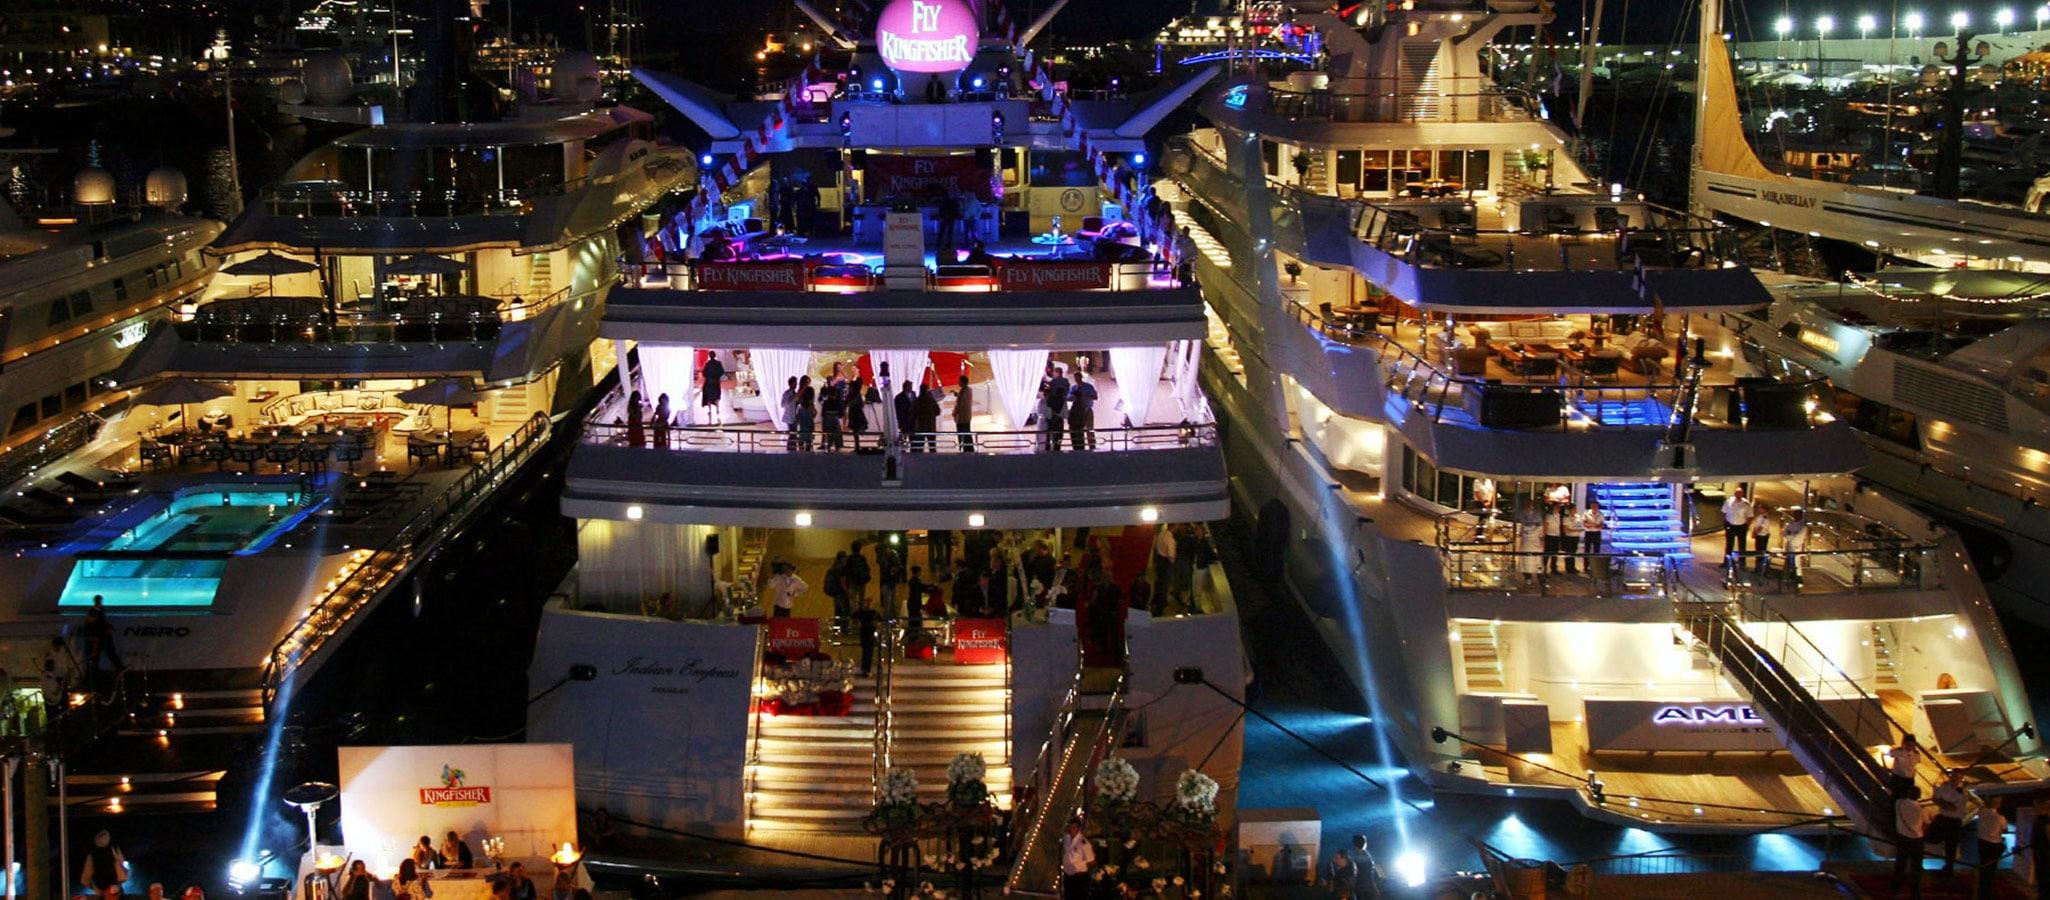 Bei Nacht verwandelt OceanEvent Ihre Megayacht in eine fantastische Social Event Location.